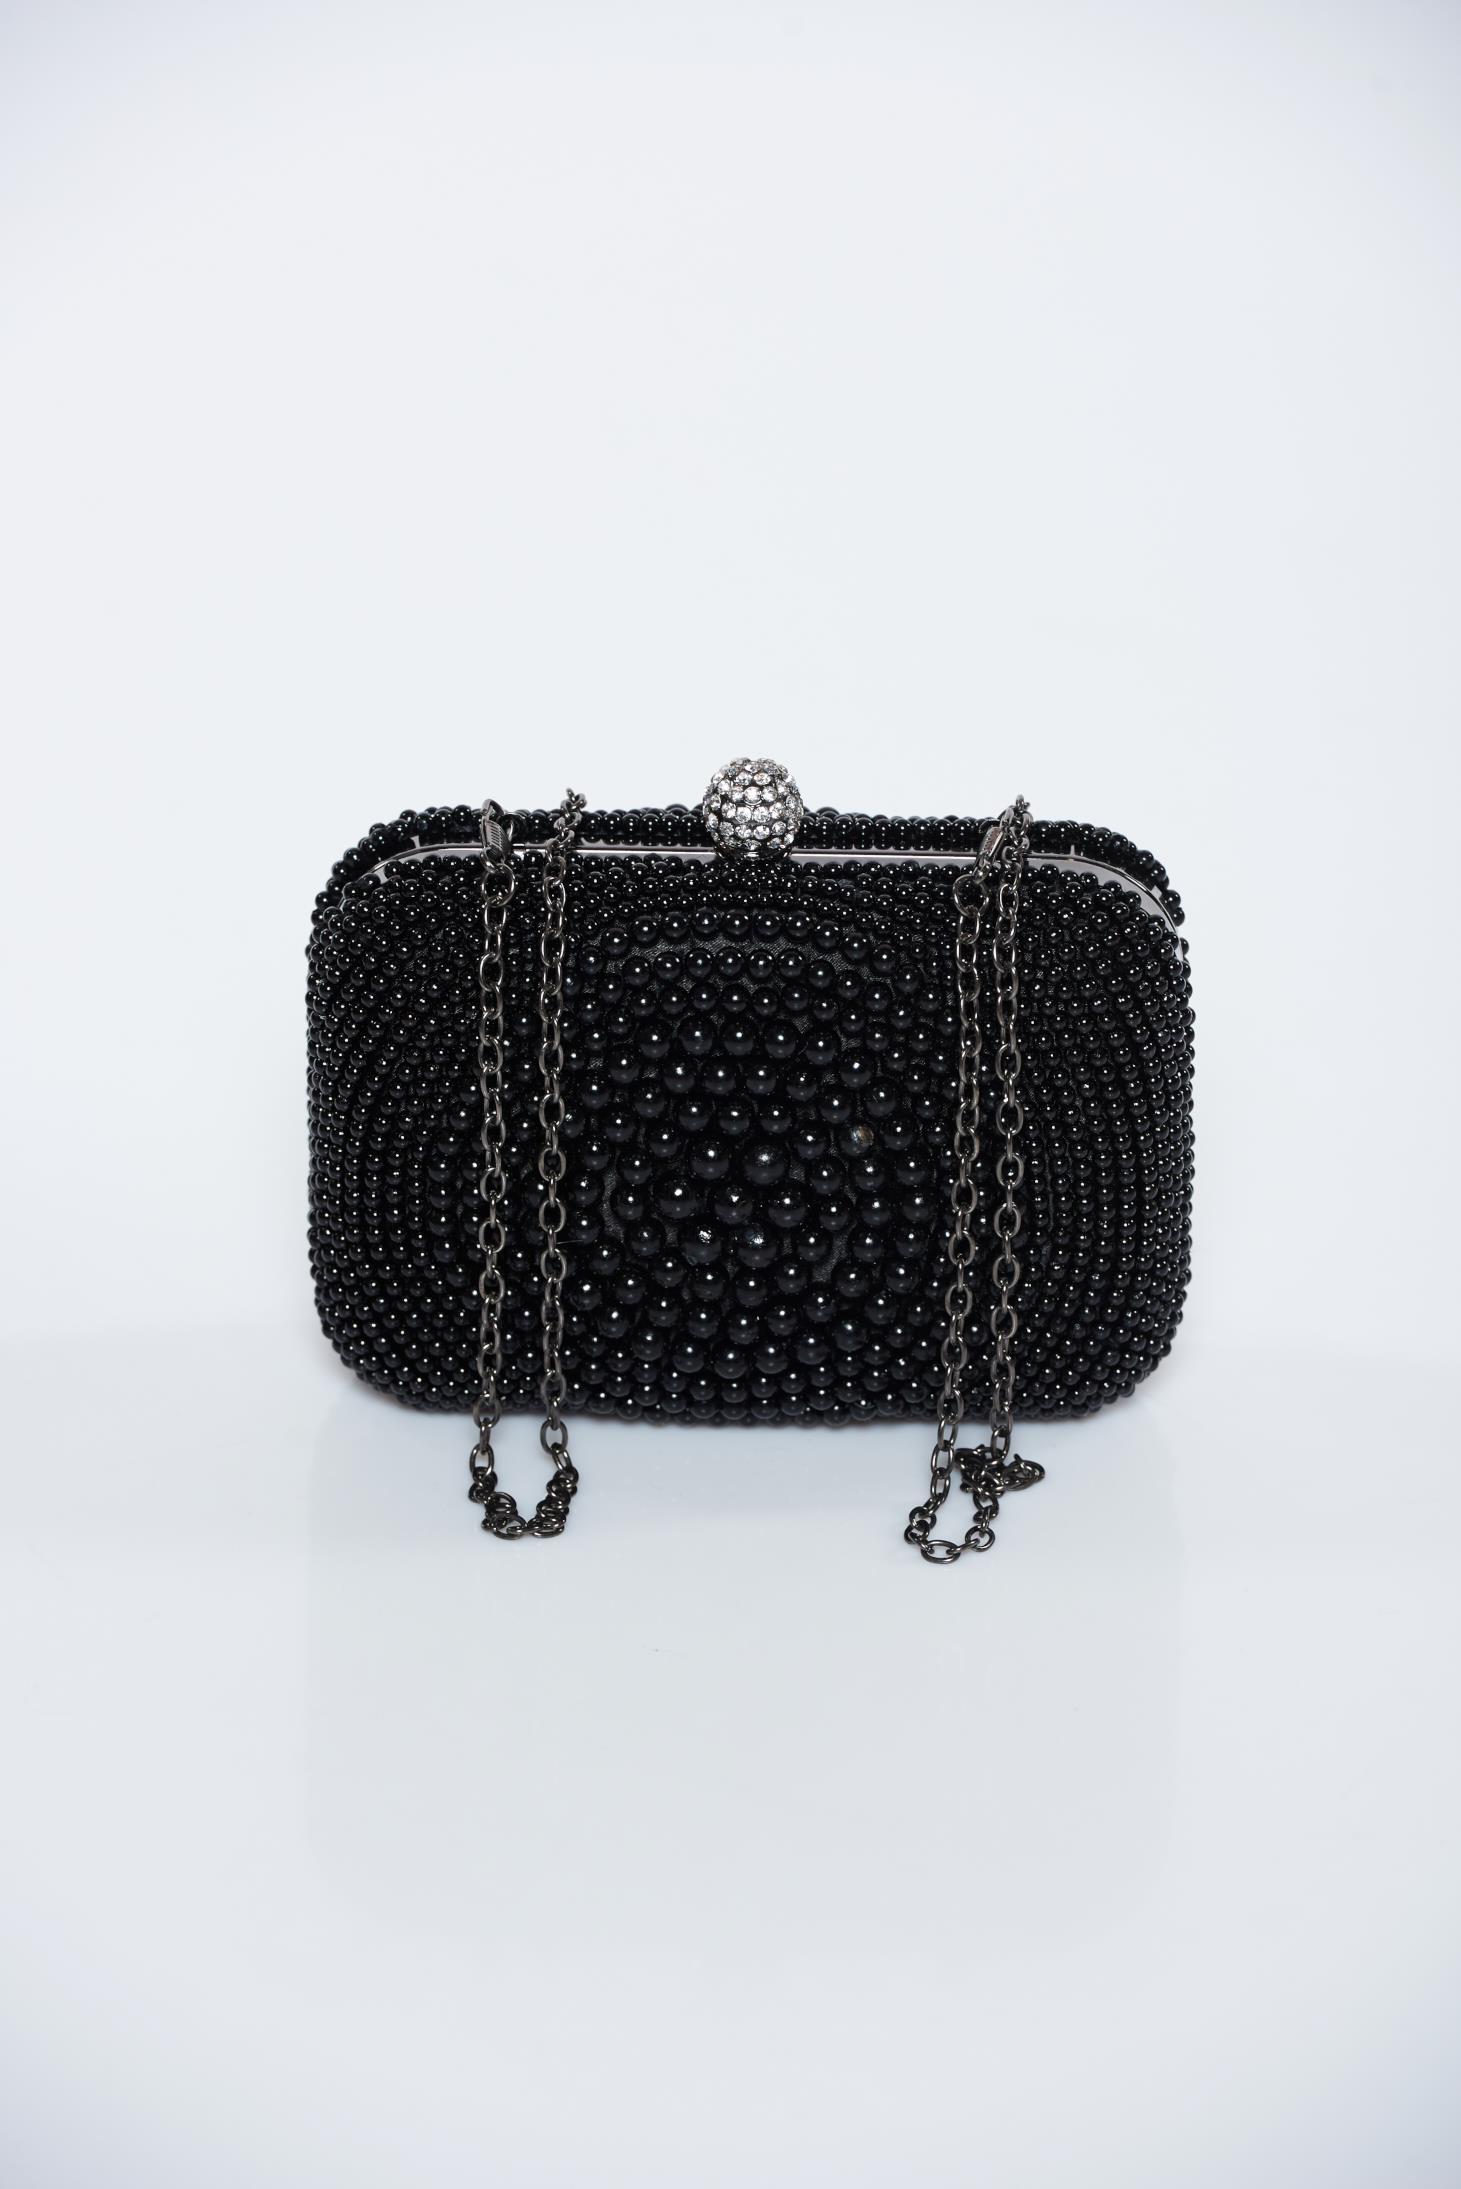 Geanta dama neagra de ocazie cu aplicatii cu perle accesorizata cu lantisor